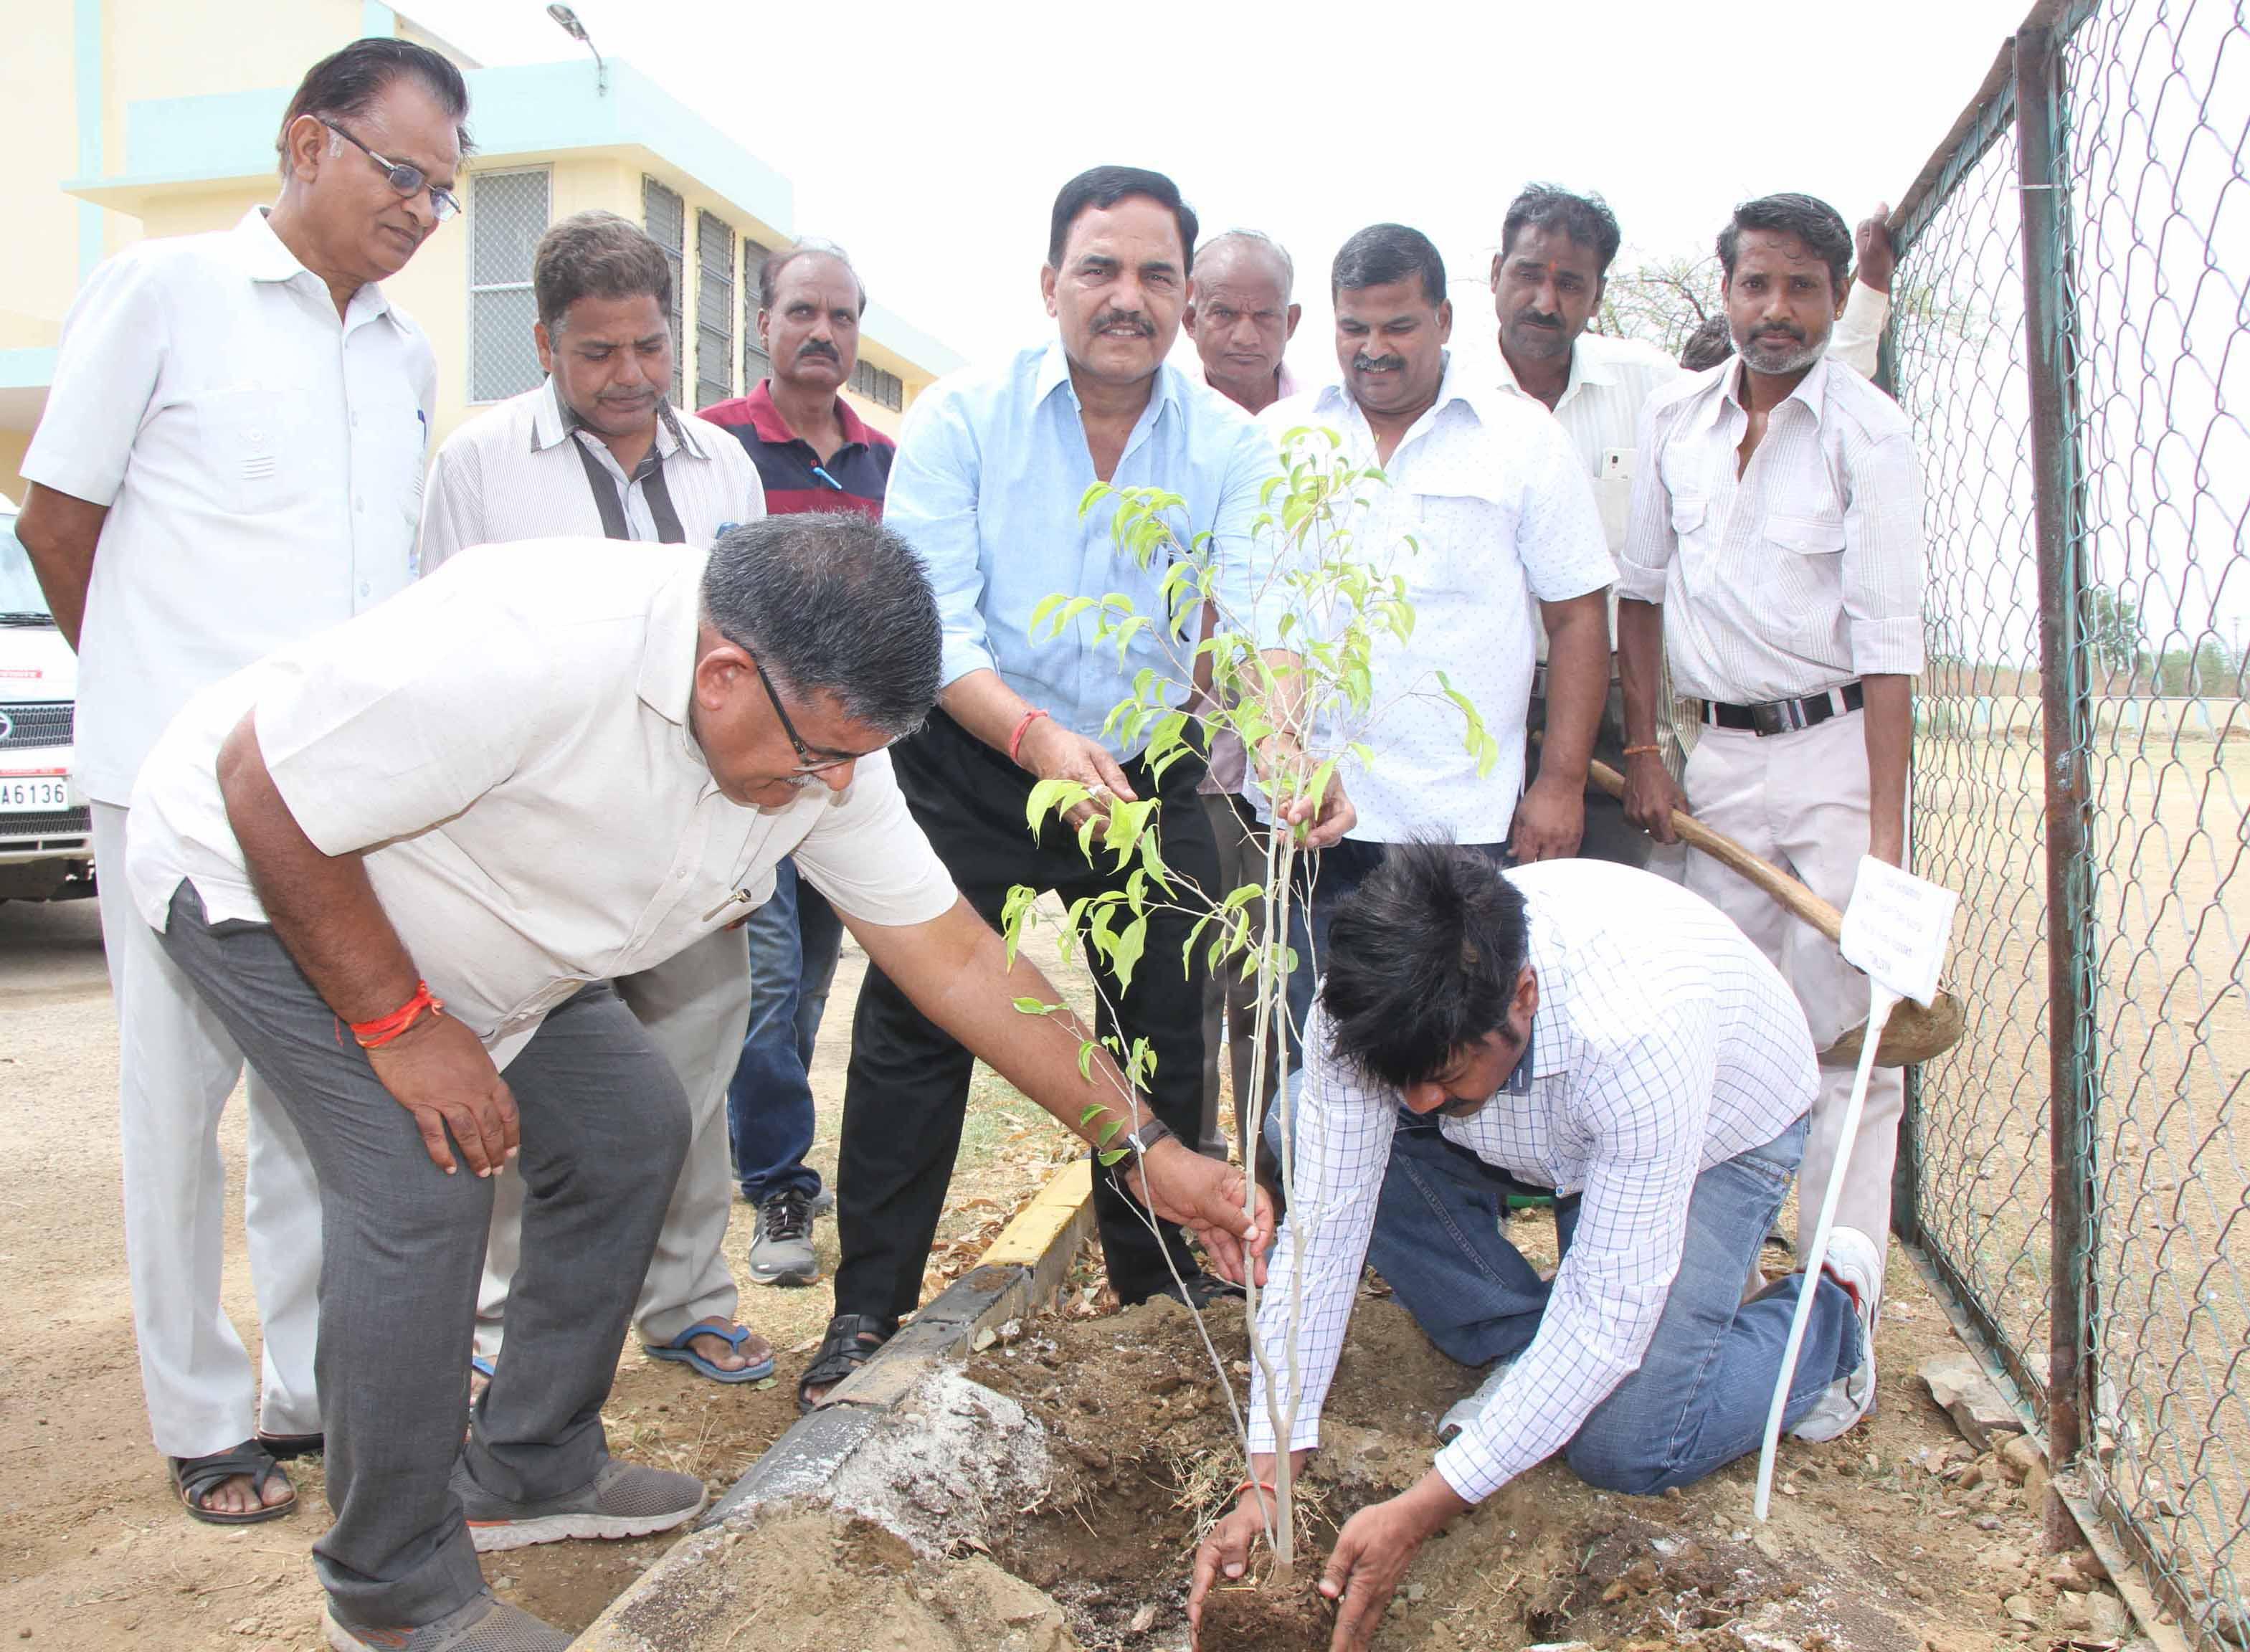 गृह मंत्री ने वृक्ष लगा कर वृहद वृक्षारोपण कार्यक्रम का शुभारंभ किया